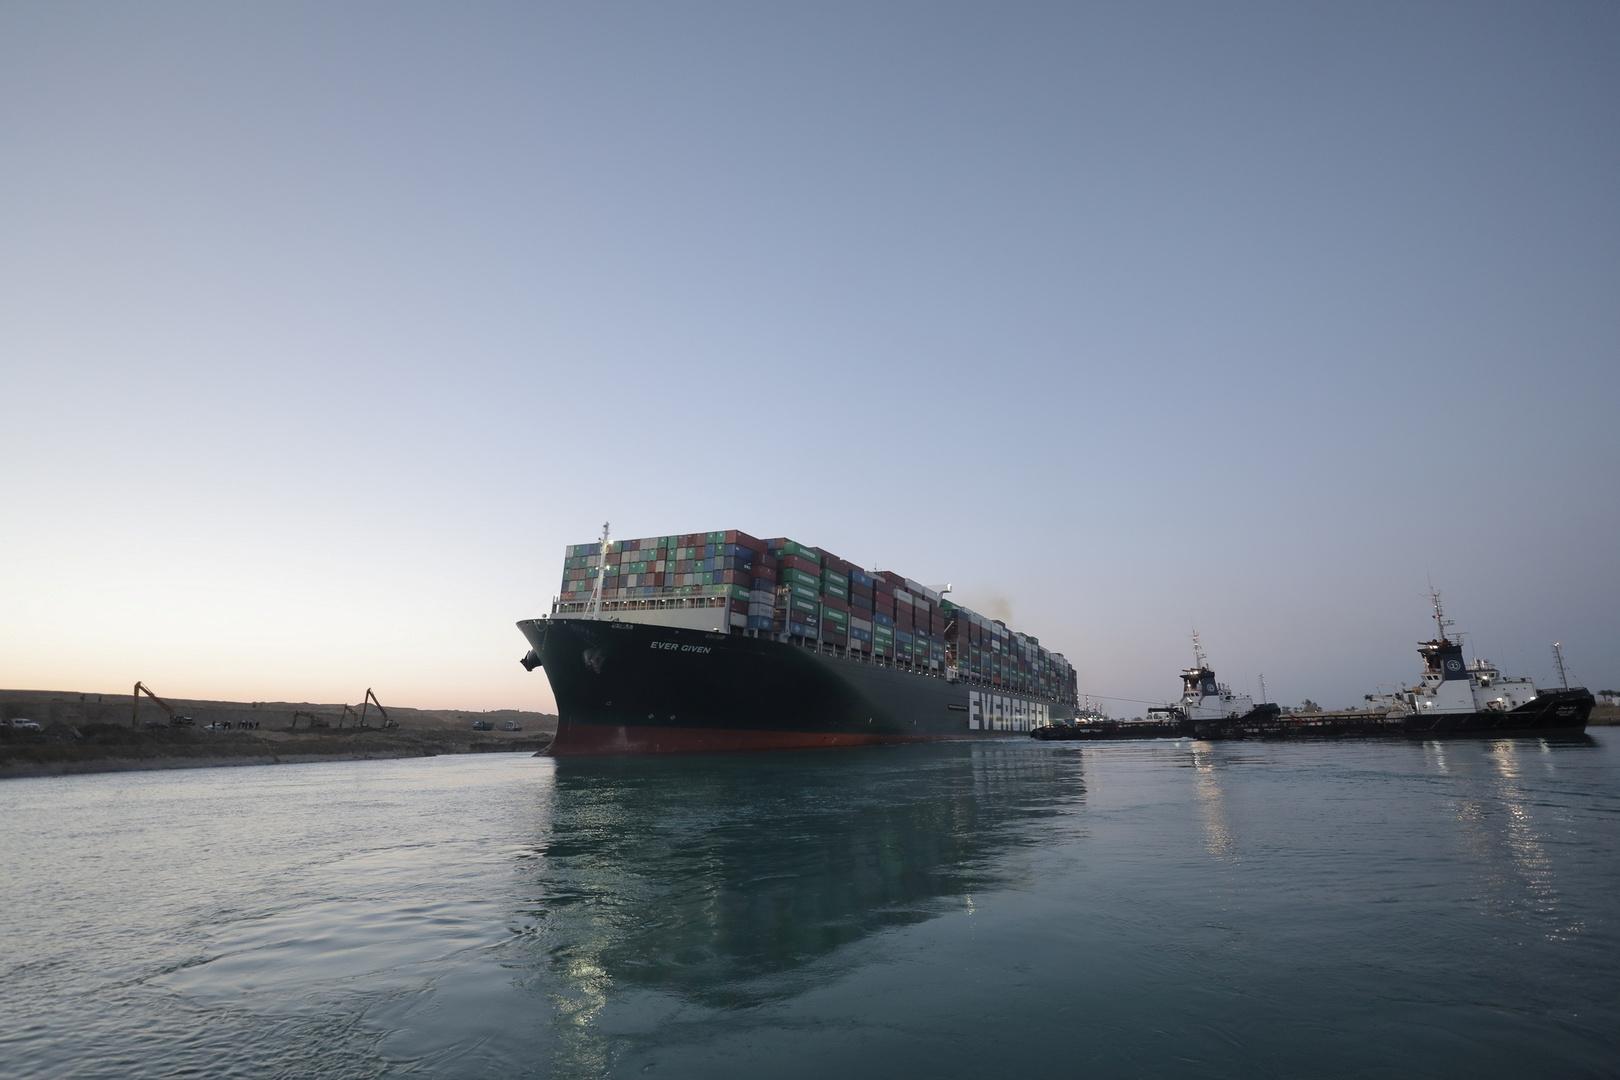 رئيس هيئة قناة السويس يكشف عن مفاوضات حول تعويضات عن حادث جنوح السفينة الضخمة